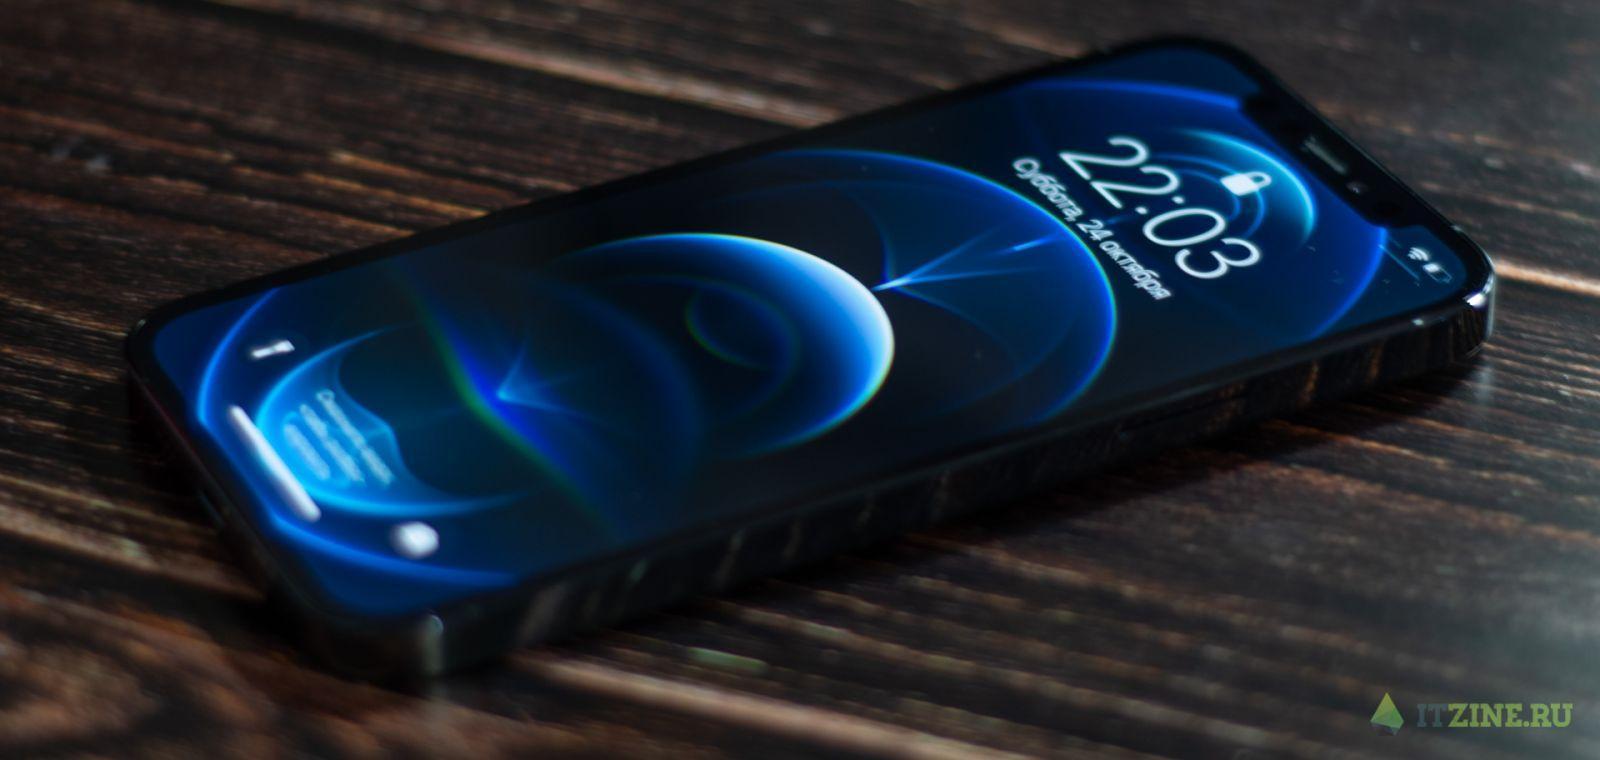 Обзор iPhone 12 Pro: первый взгляд (DSC 9563)